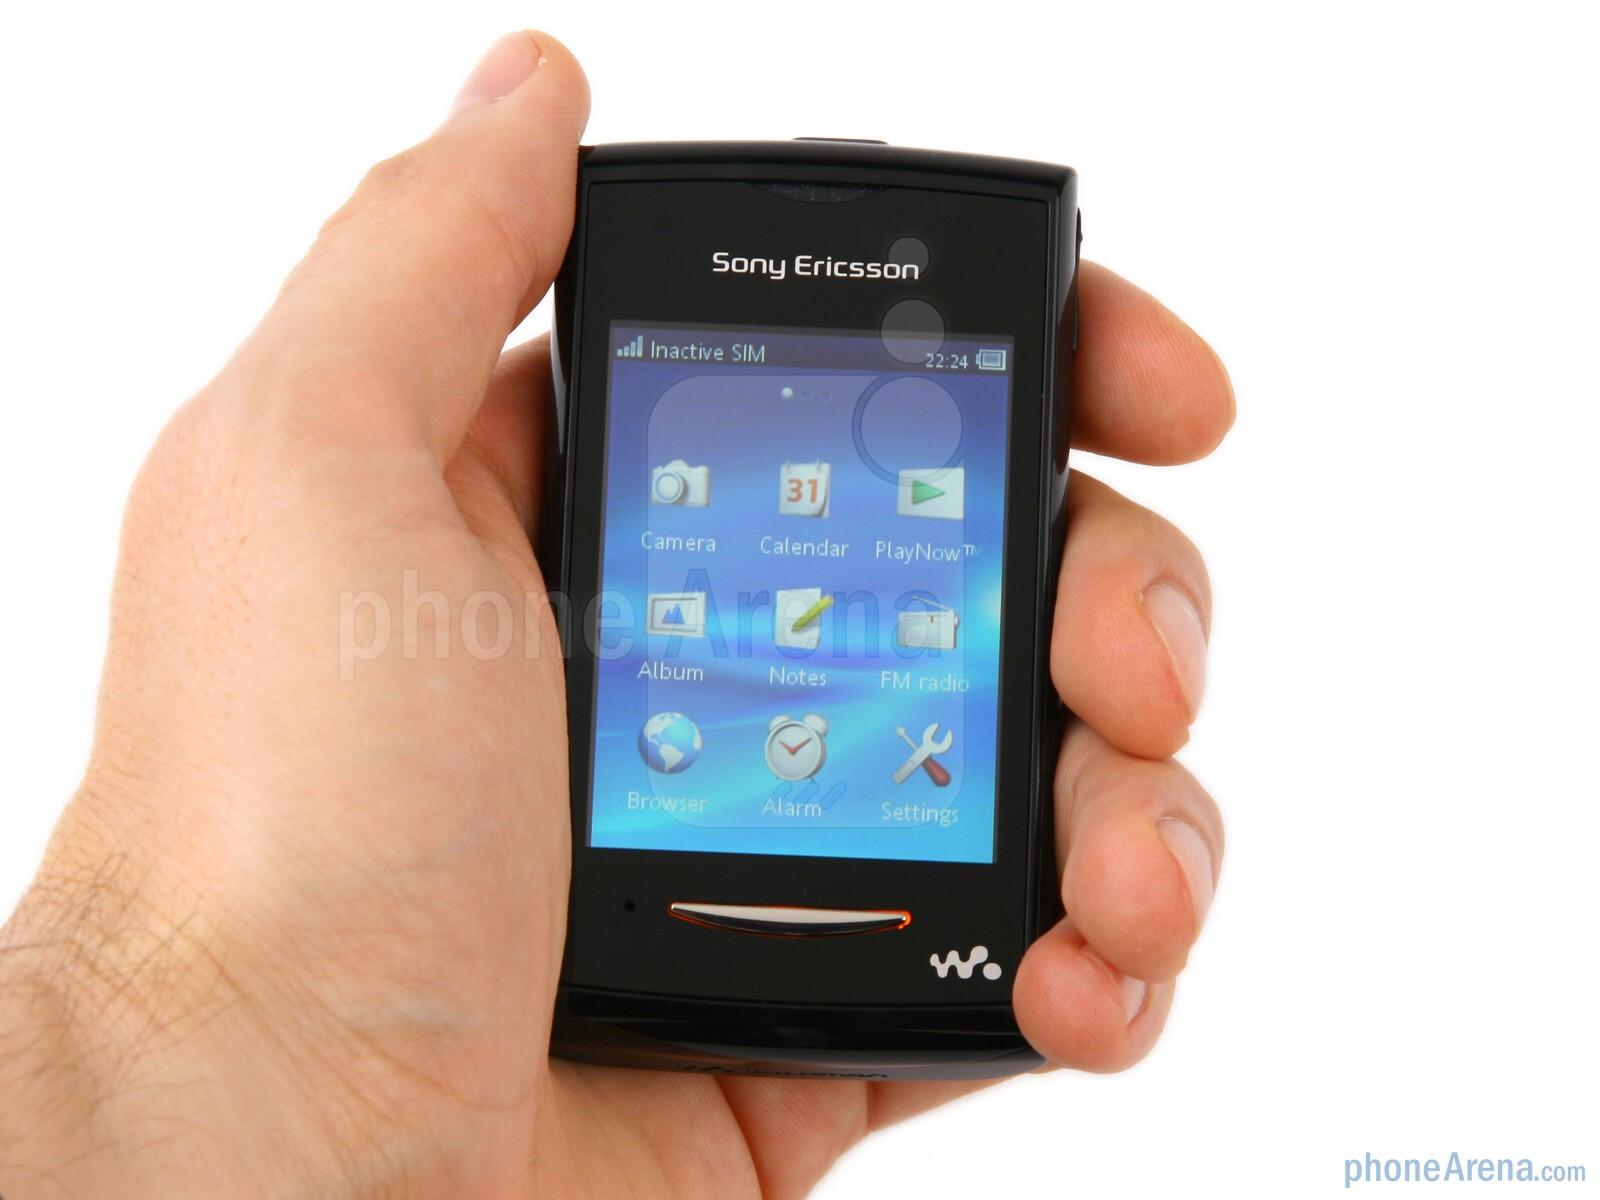 sony ericsson yendo preview rh phonearena com Sony Sava 57 User Manuals Sony Sava 57 User Manuals